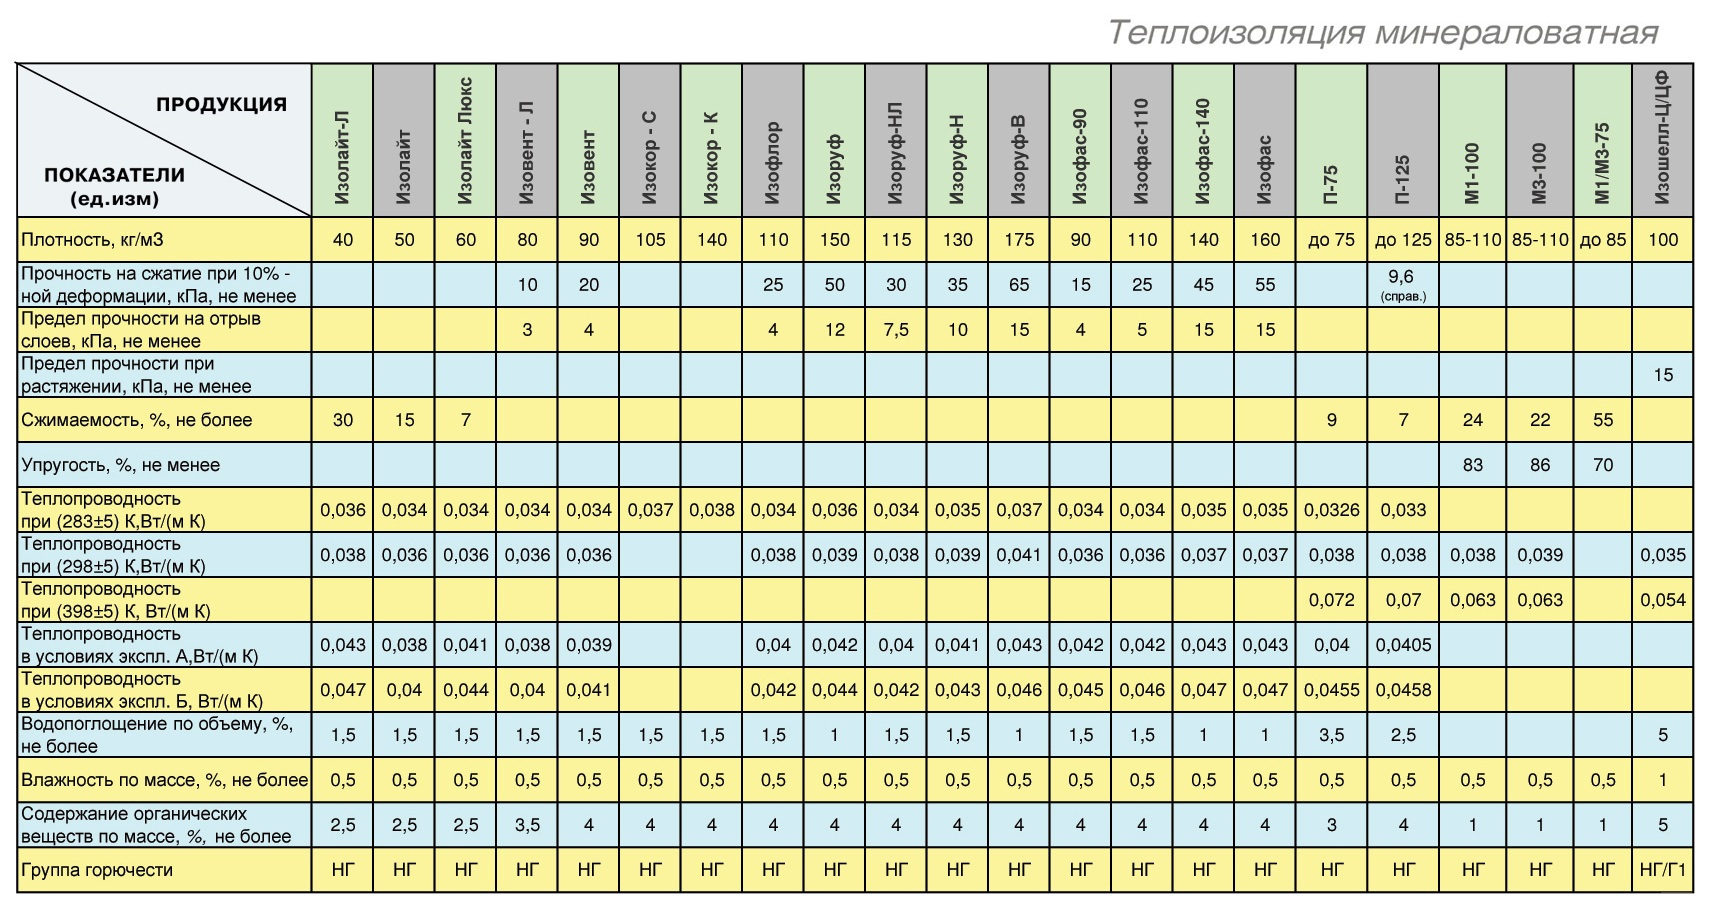 Размеры каменной ваты характеристики и параметры материала - все про гипсокартон